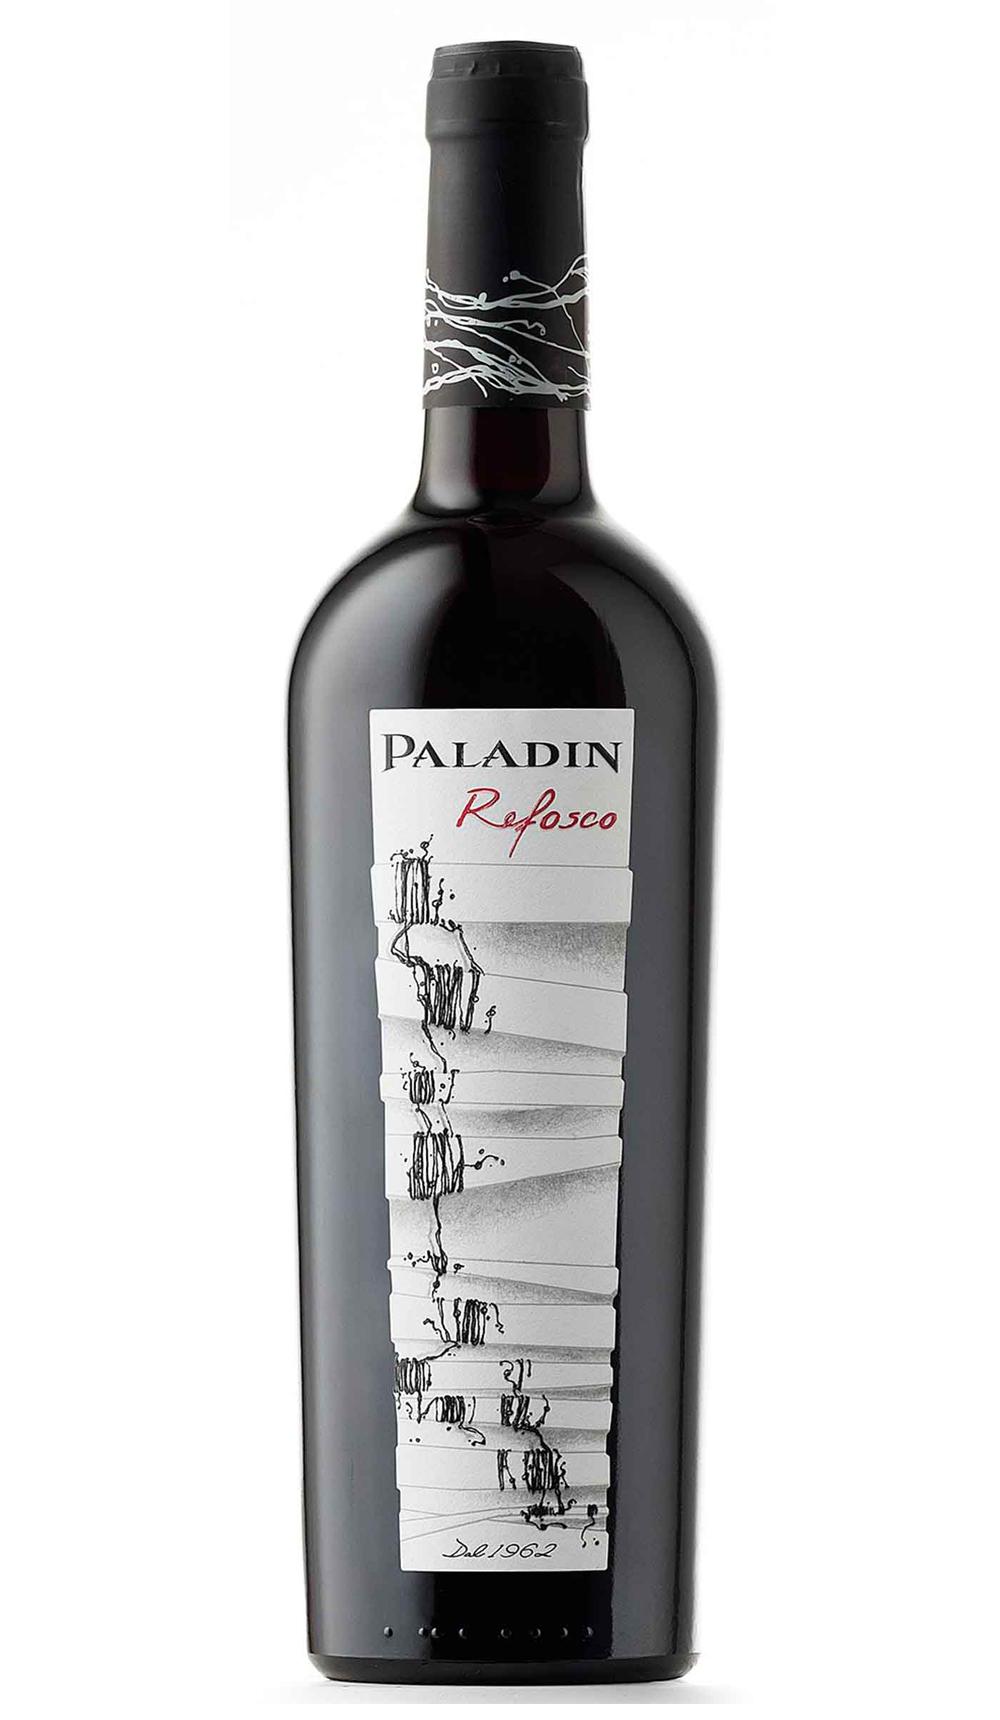 Paladin, Refosco, 2013